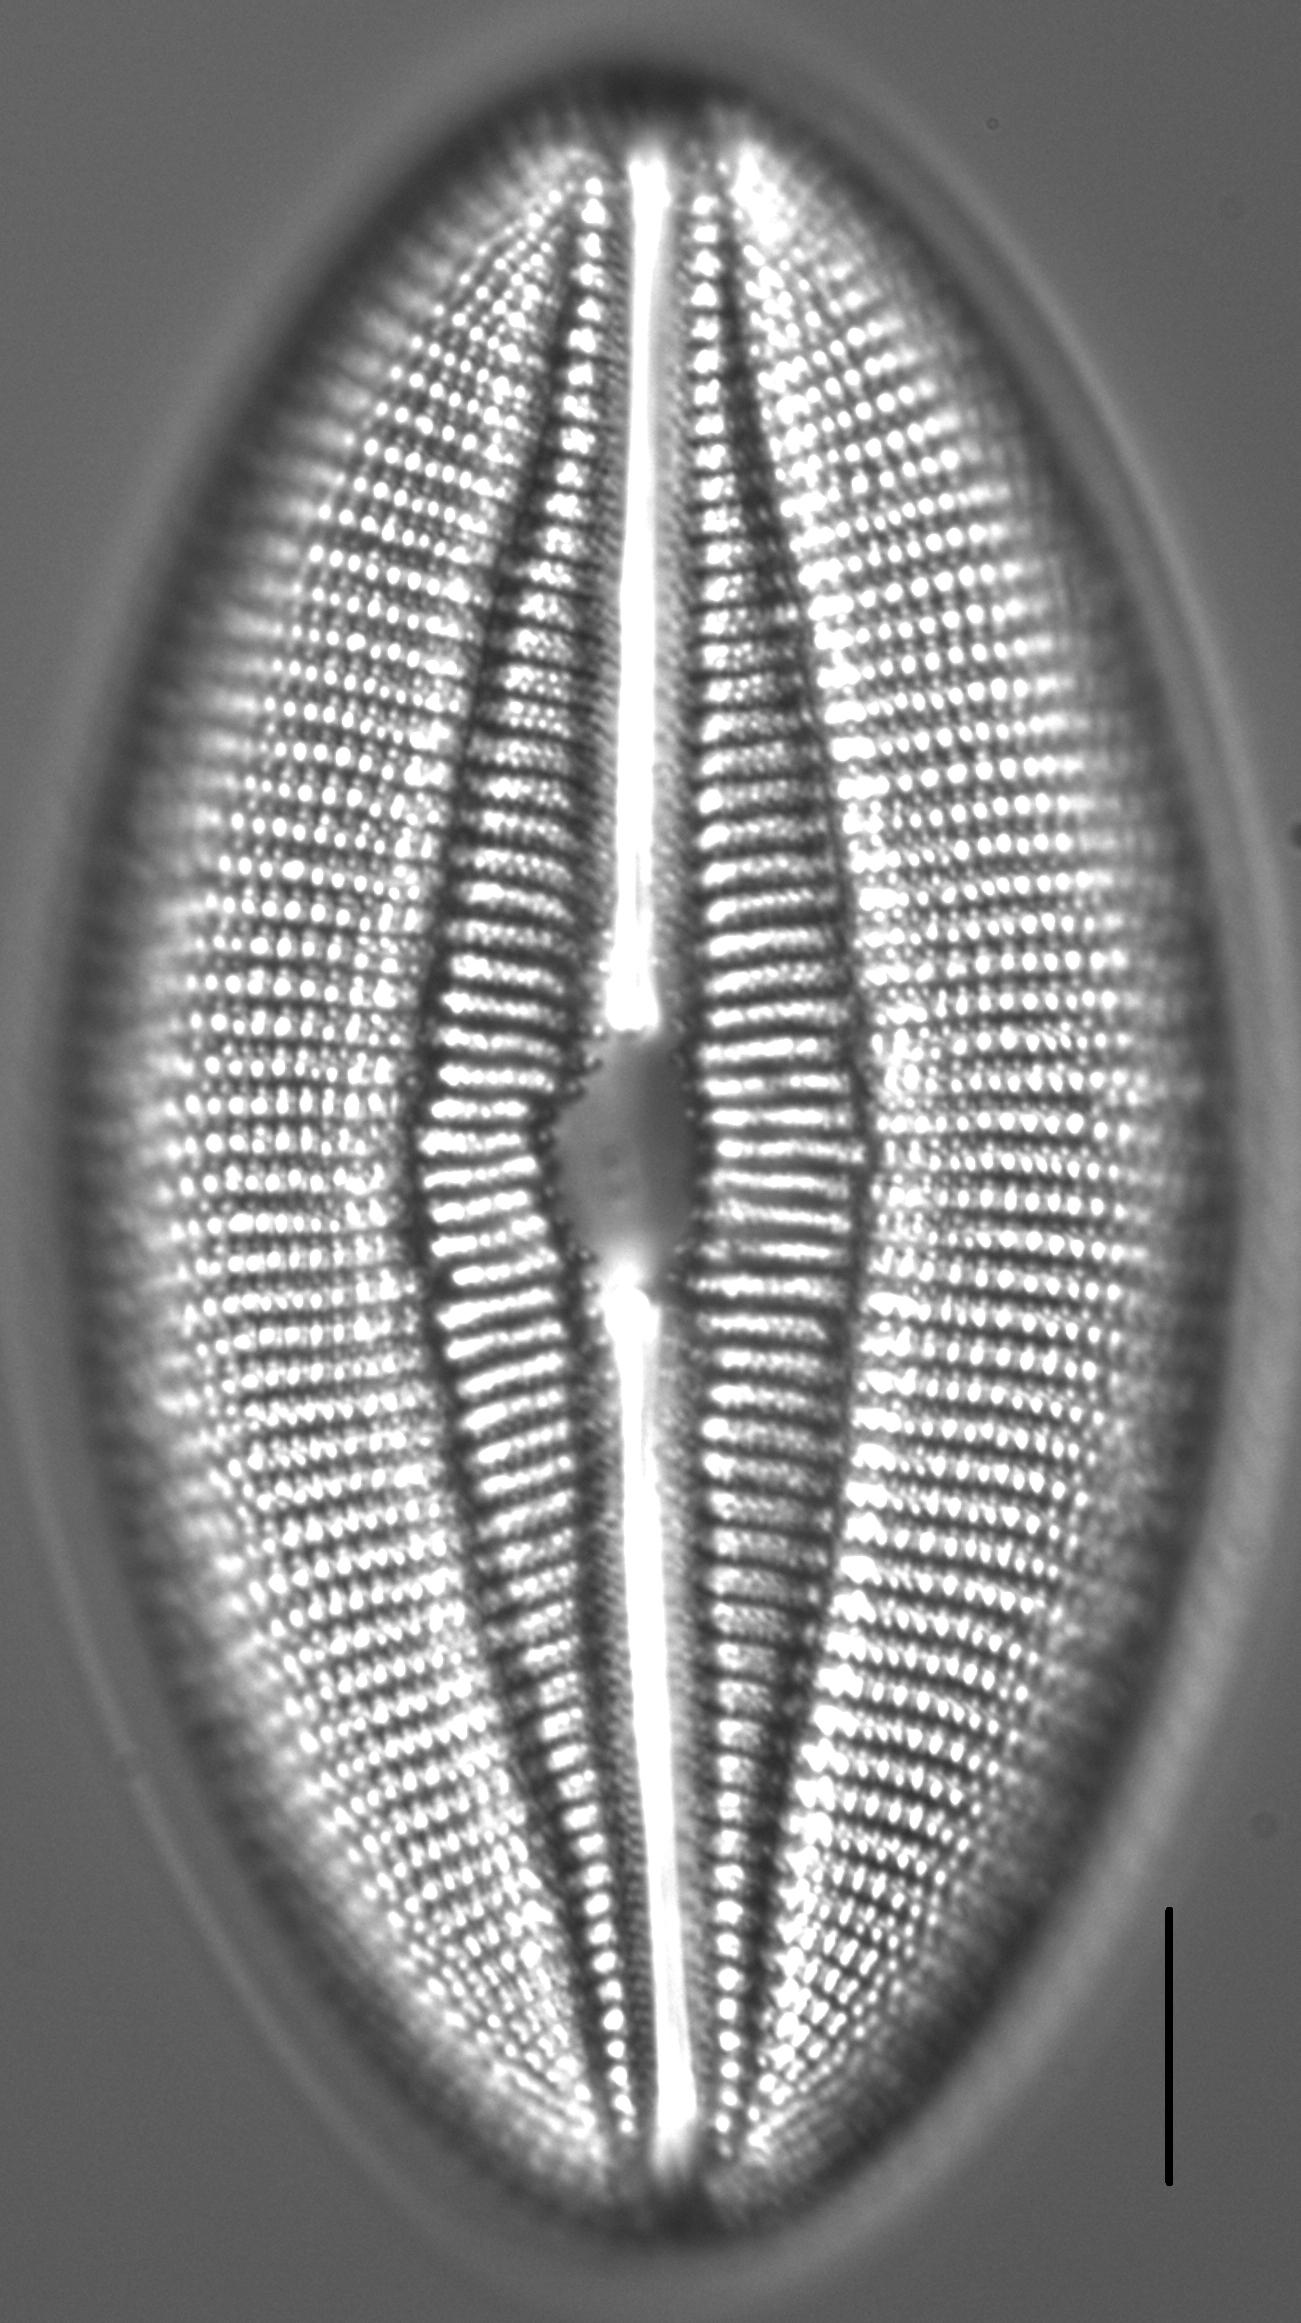 Diploneis finnica LM1